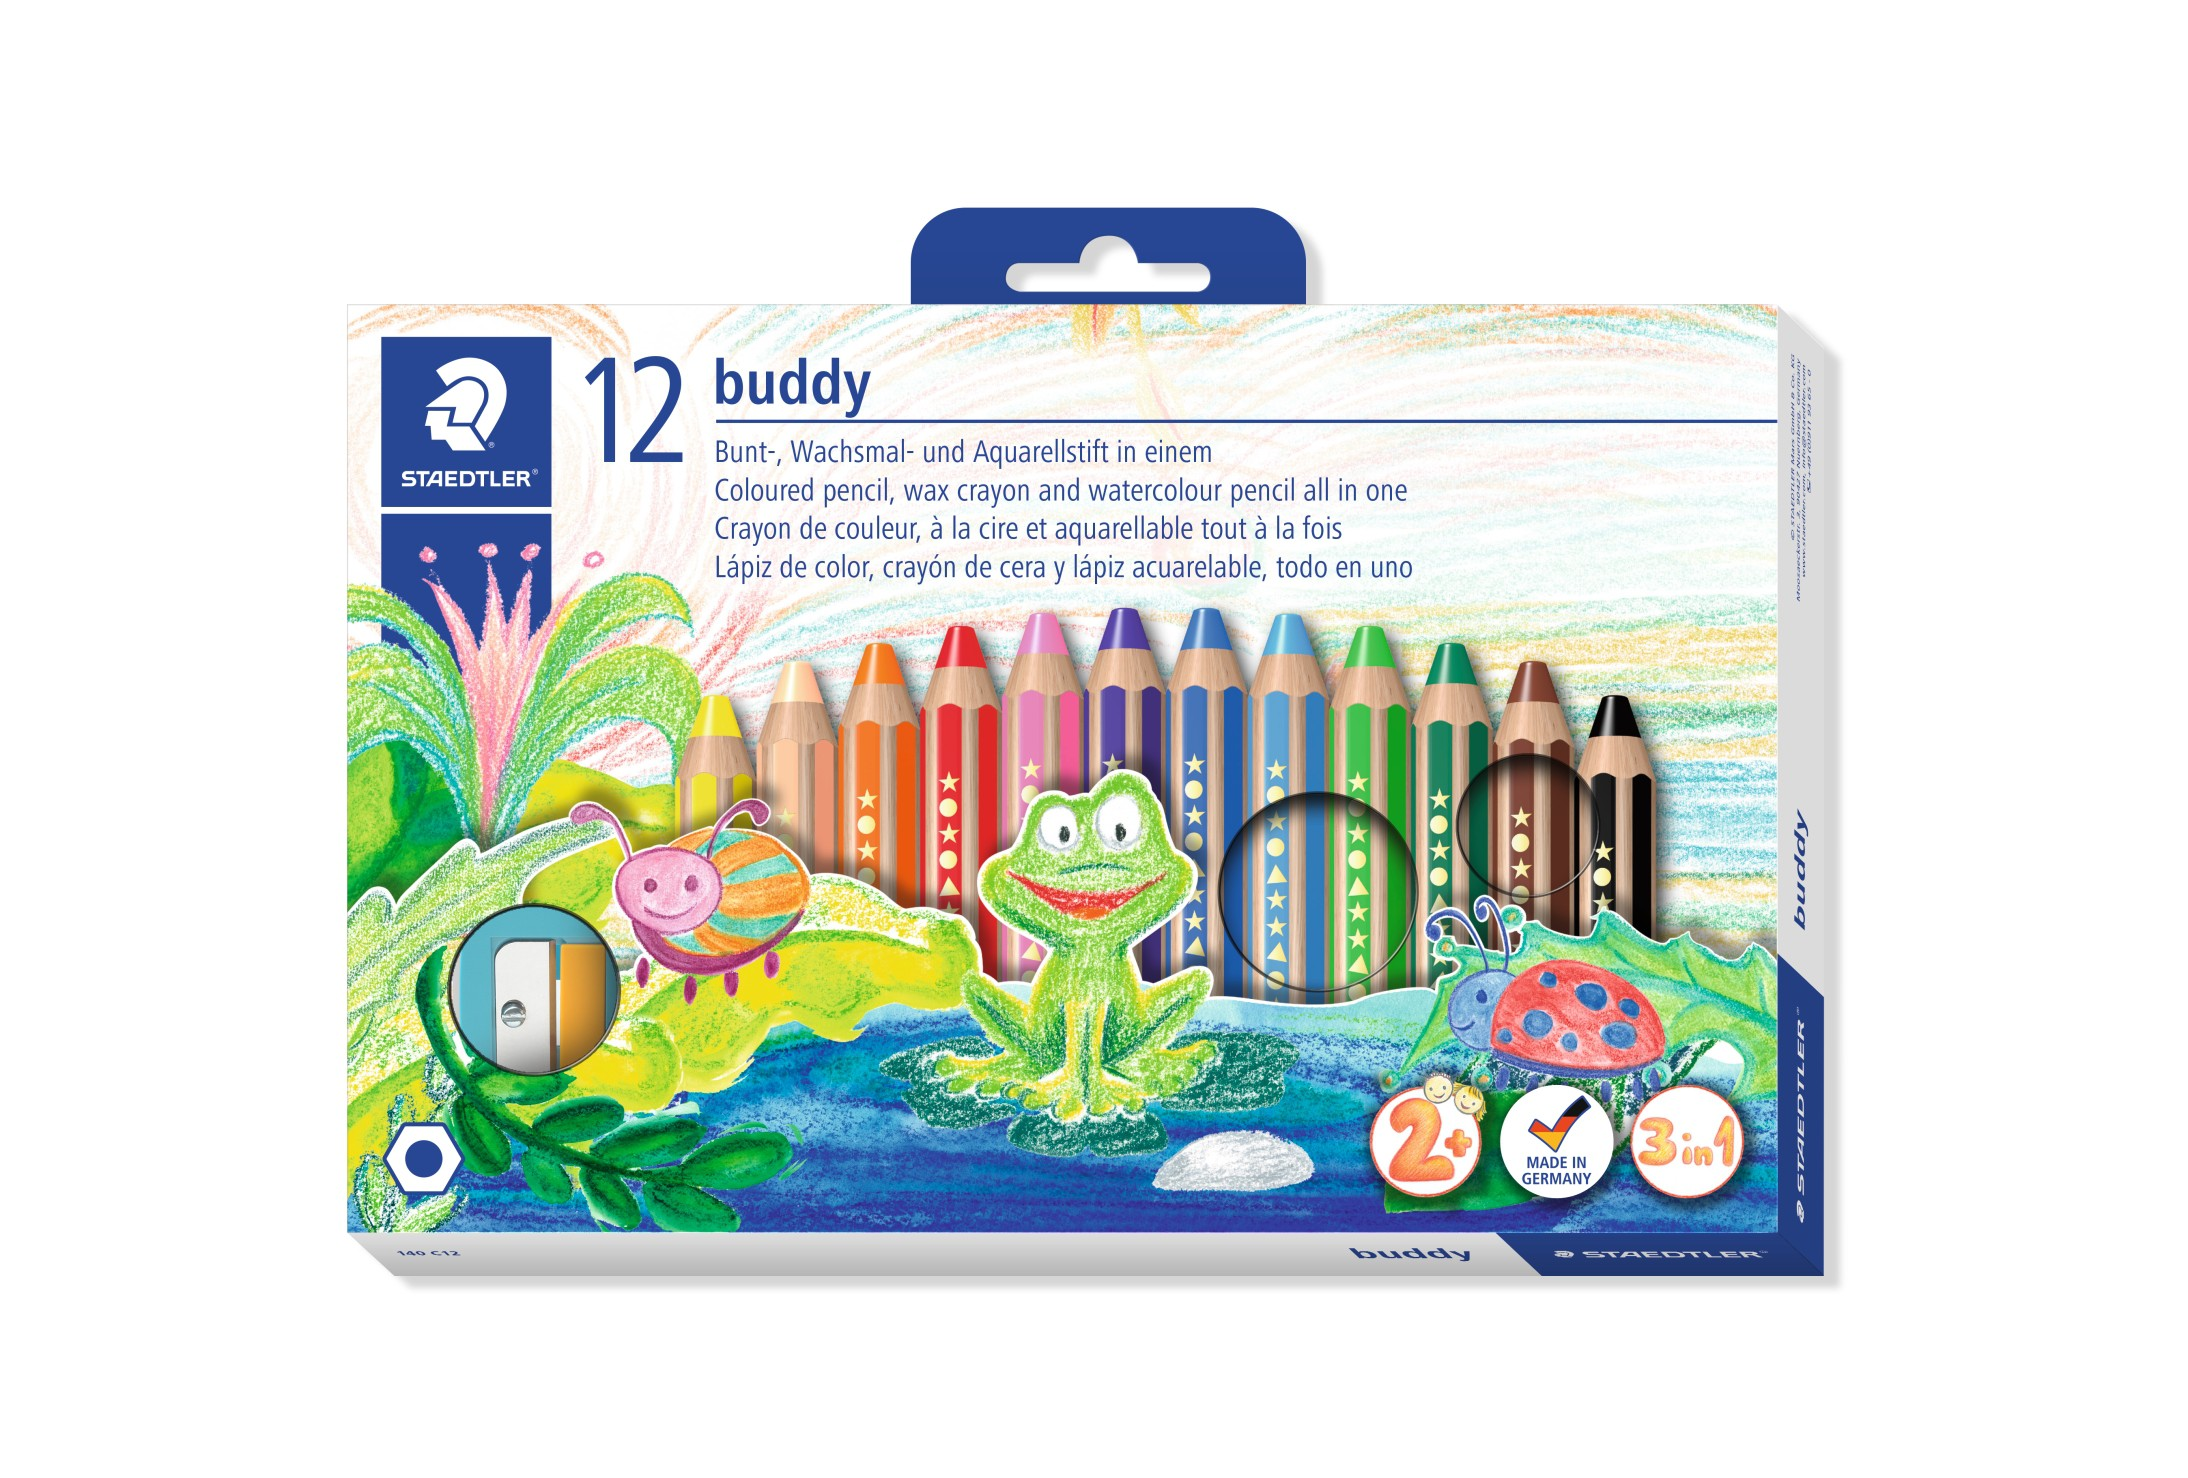 Färgblyertspenna Buddy knubbis 3i1 12-pack